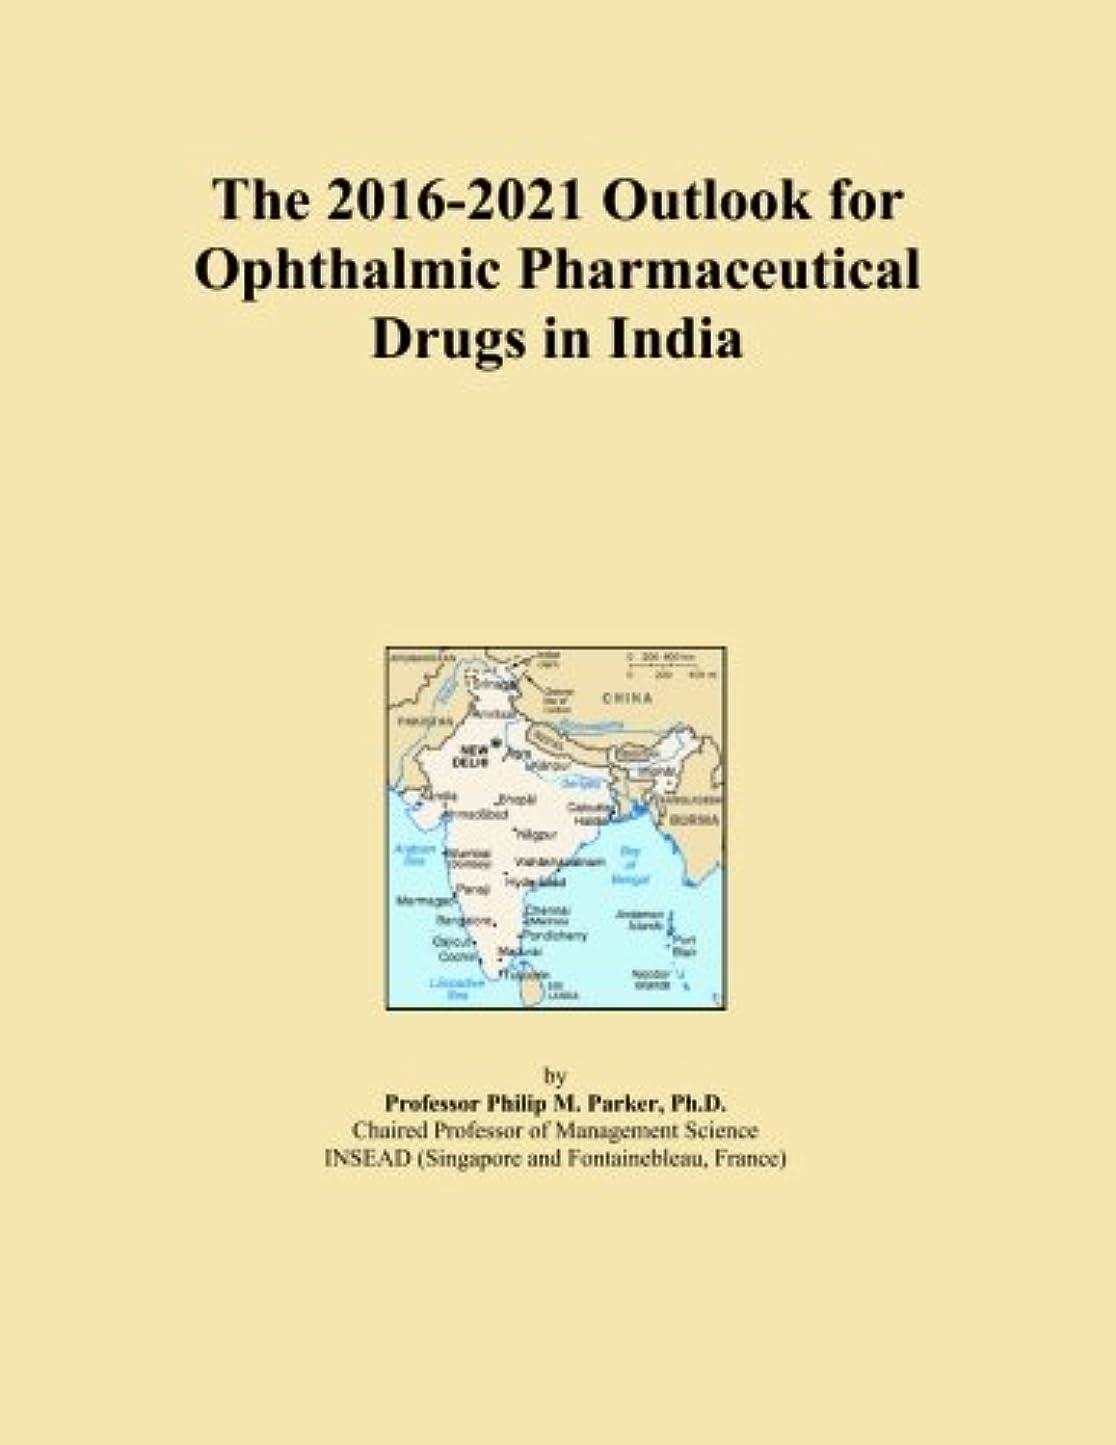 プログレッシブ慈悲深い便宜The 2016-2021 Outlook for Ophthalmic Pharmaceutical Drugs in India